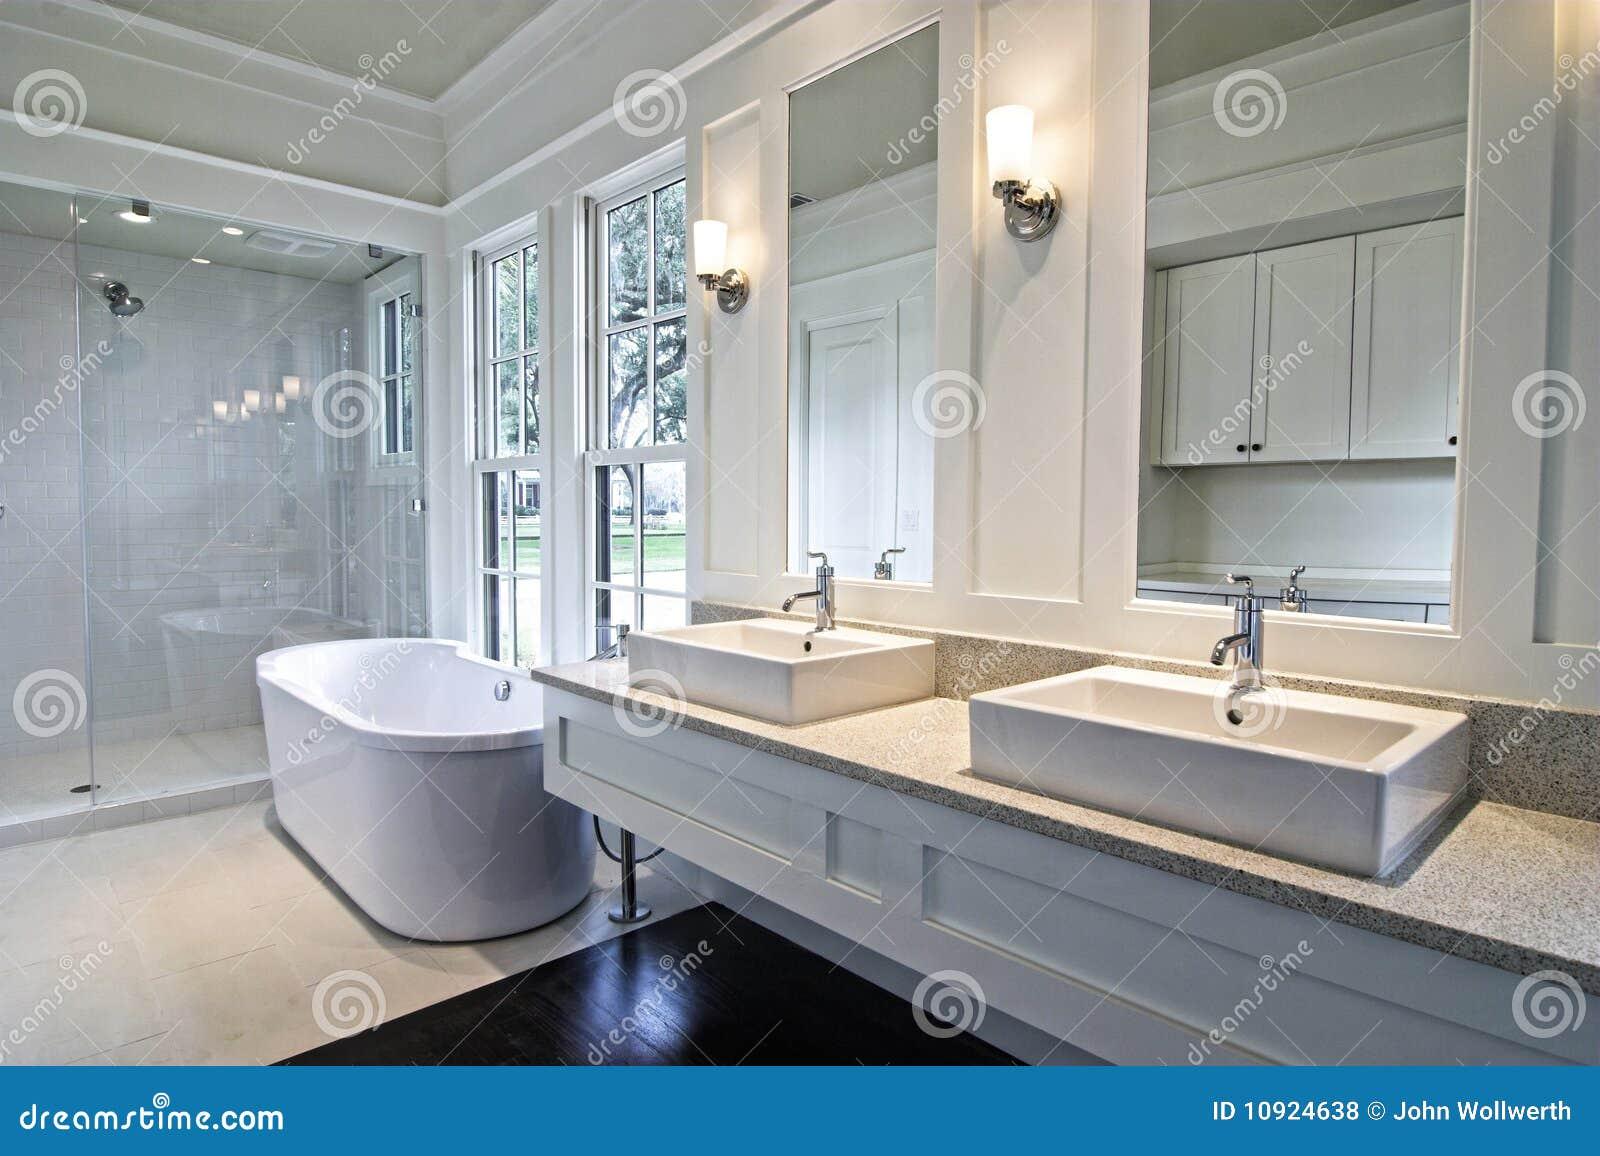 Banheiro Branco Moderno Fotos de Stock Royalty Free Imagem: 10924638 #7B6A50 1300x956 Banheiro Branco Moderno